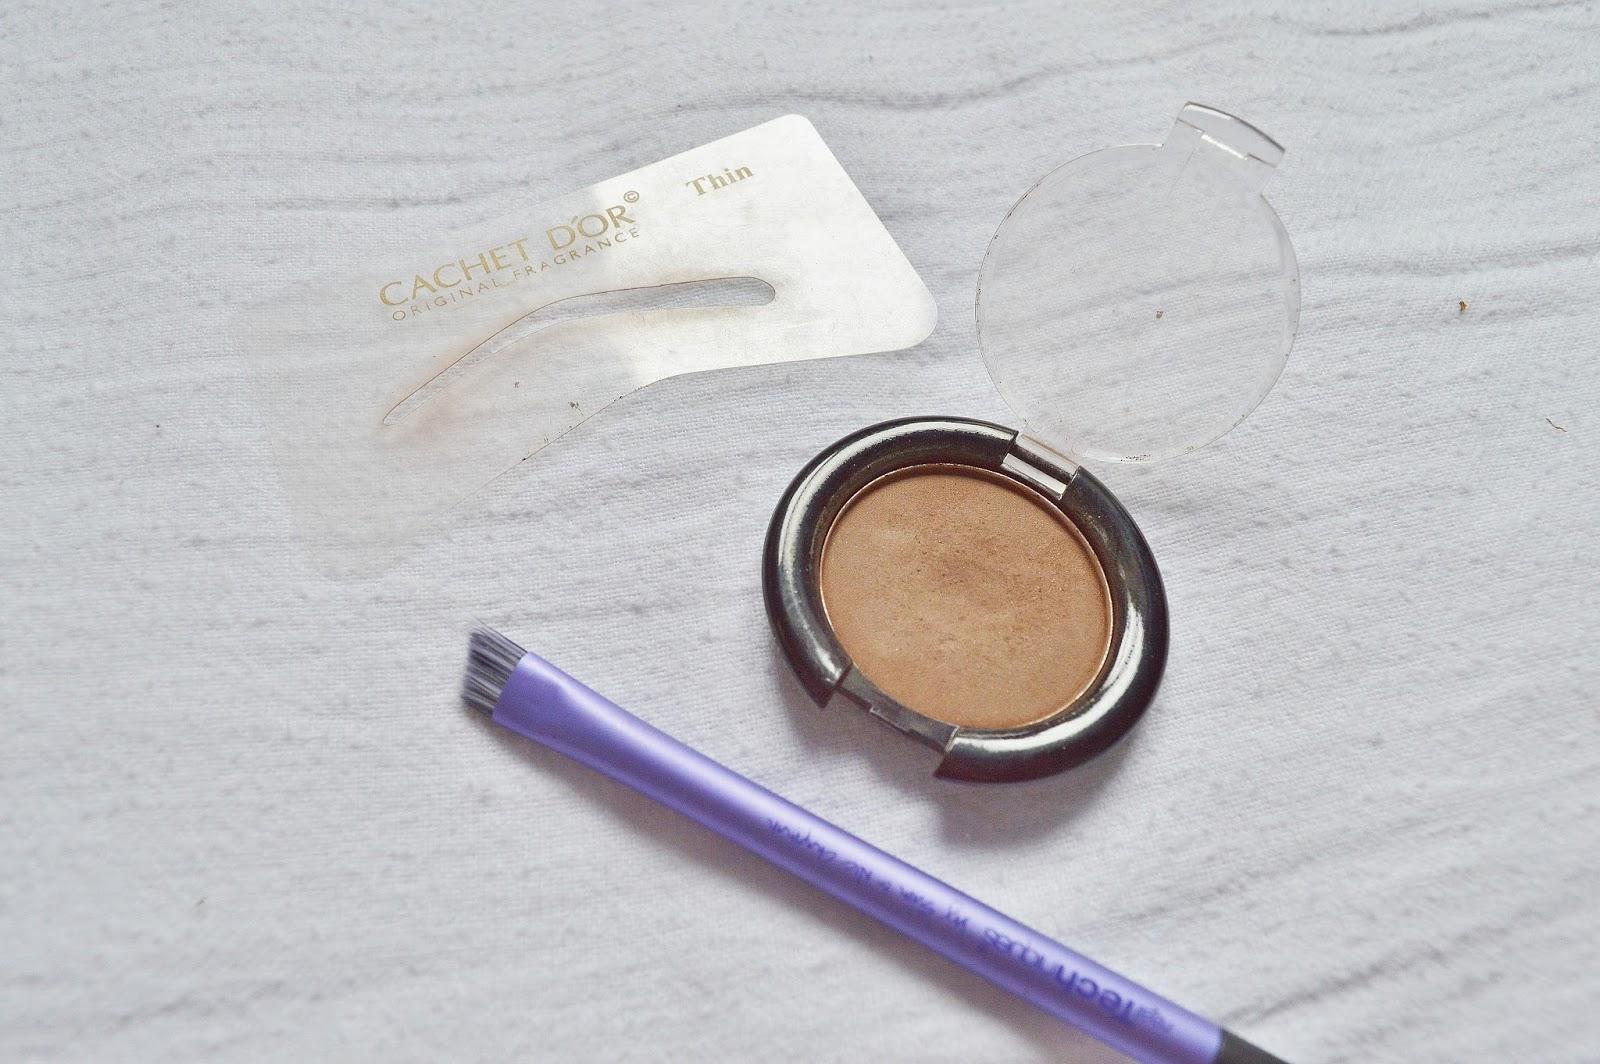 Cachet D'or Eyebrow Kit